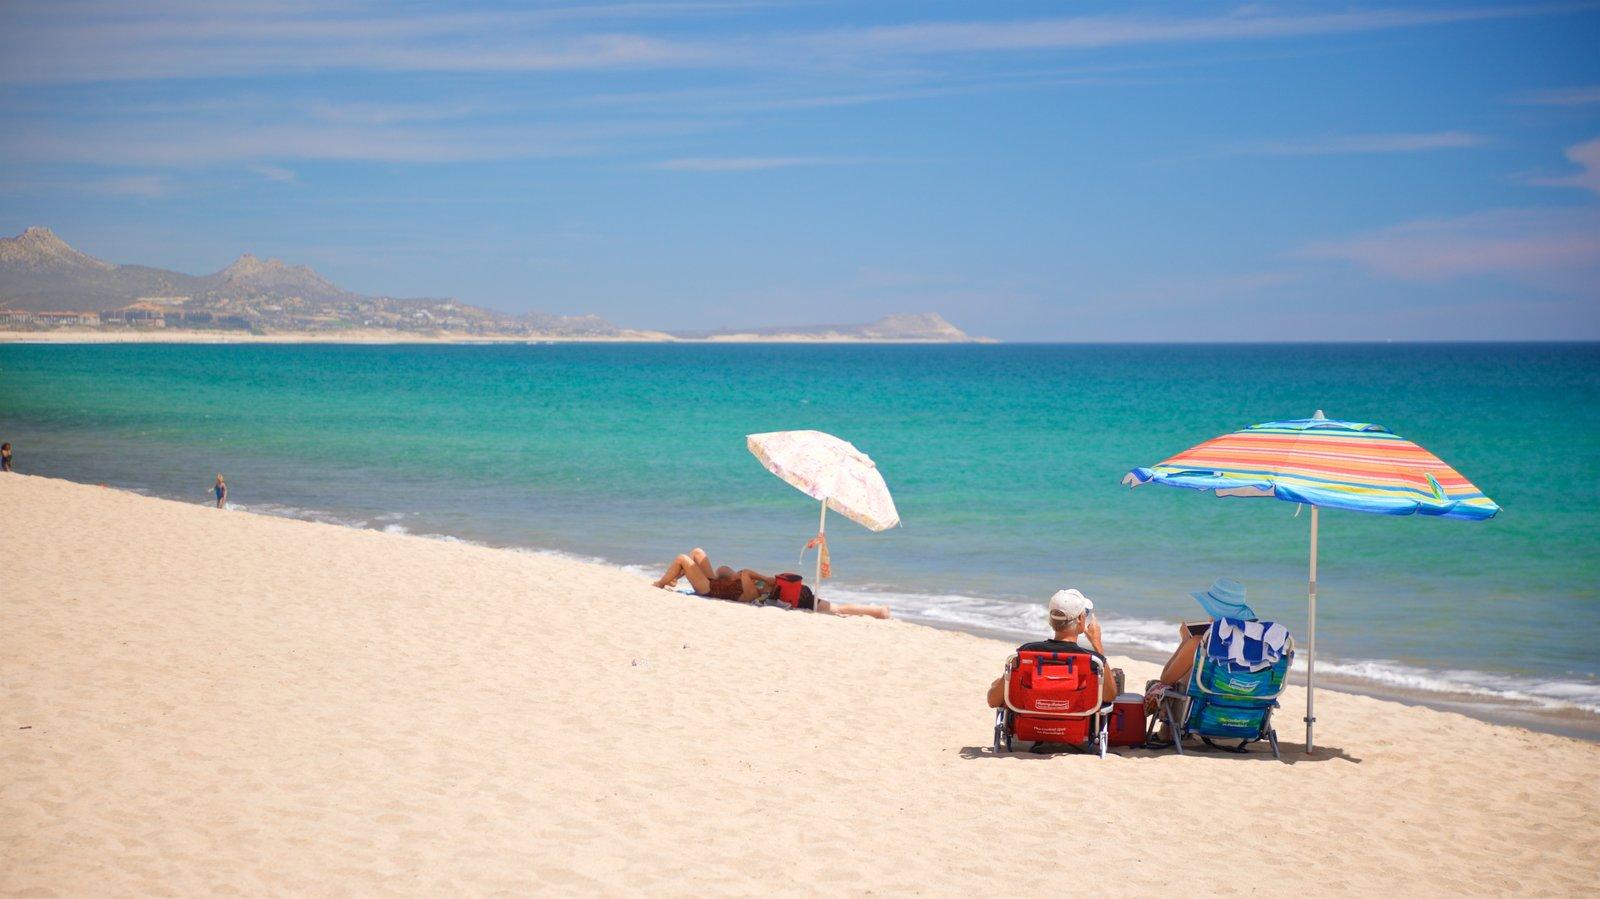 Costa Azul Beach featuring general coastal views and a beach as well as a couple